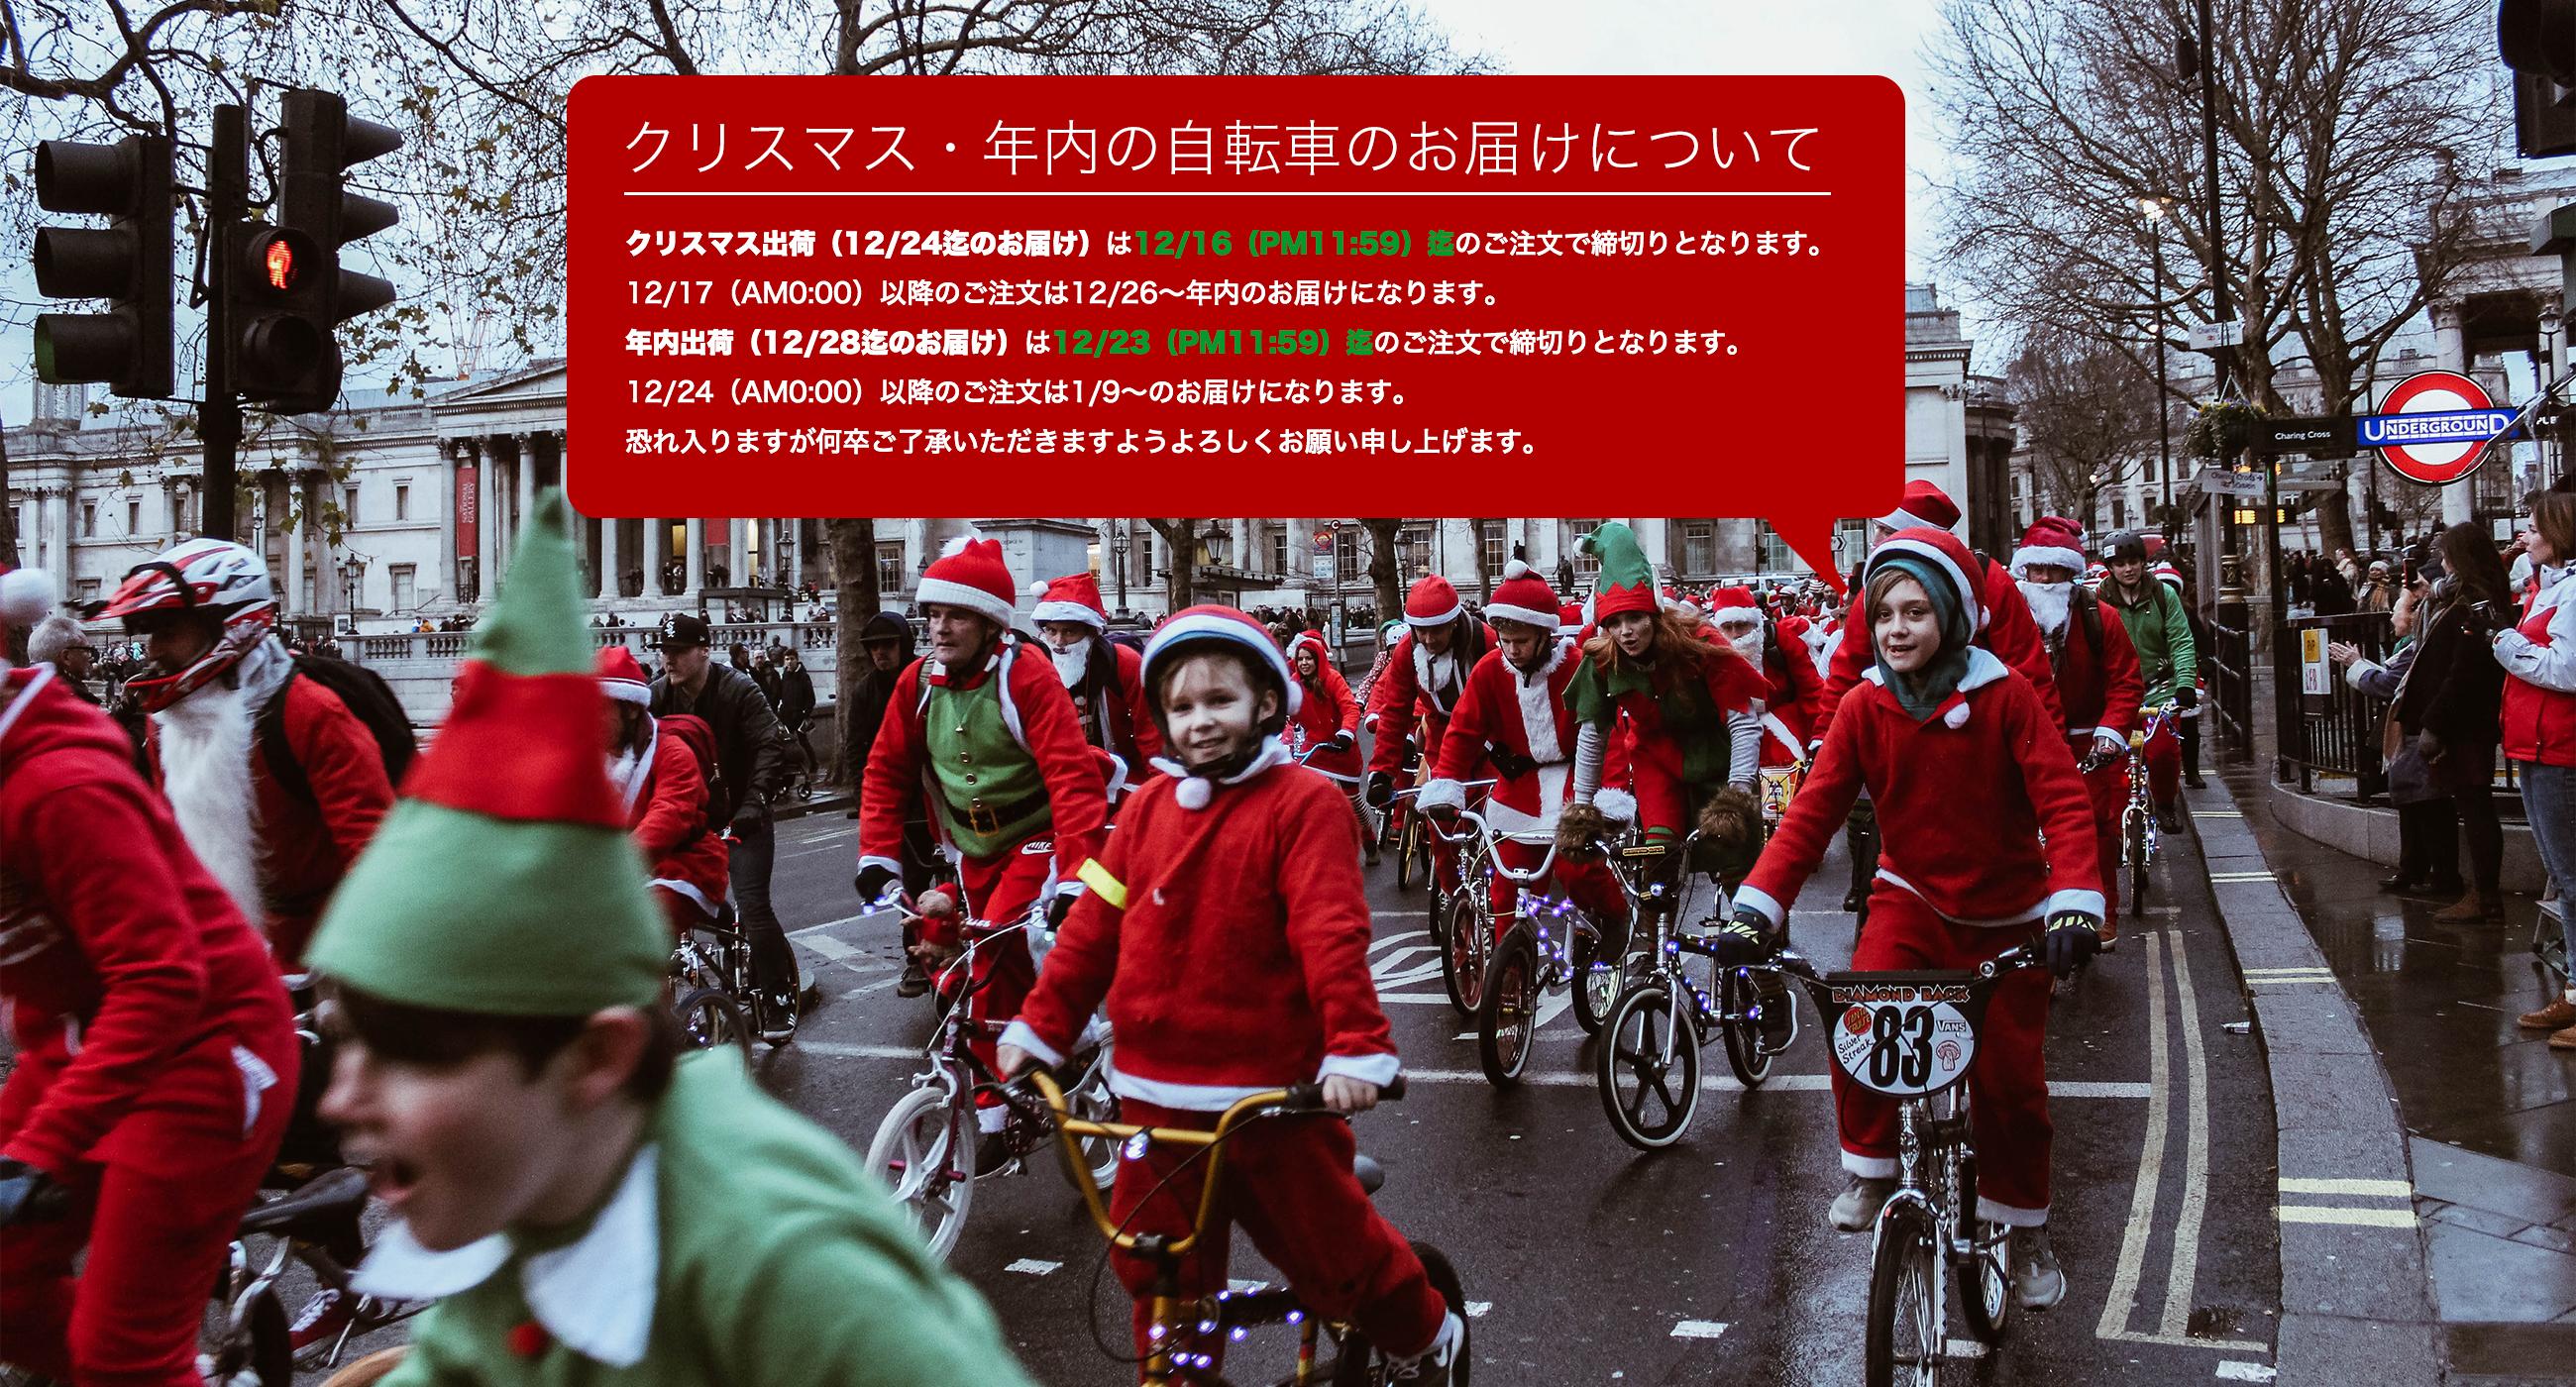 年末の自転車配送に関して